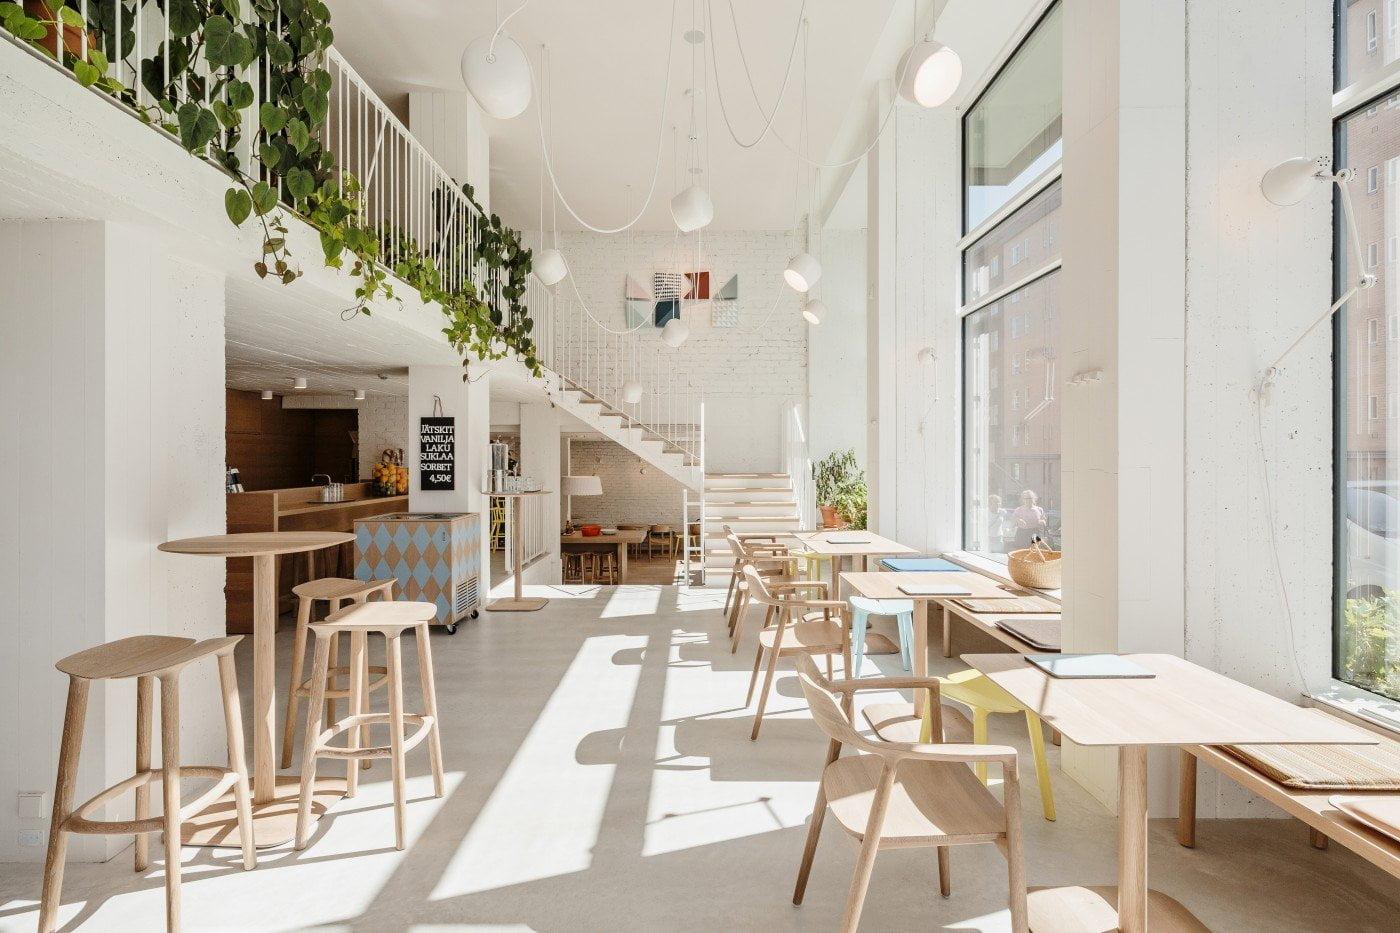 thiết kế quán cafe giá rẻ đẹp 5